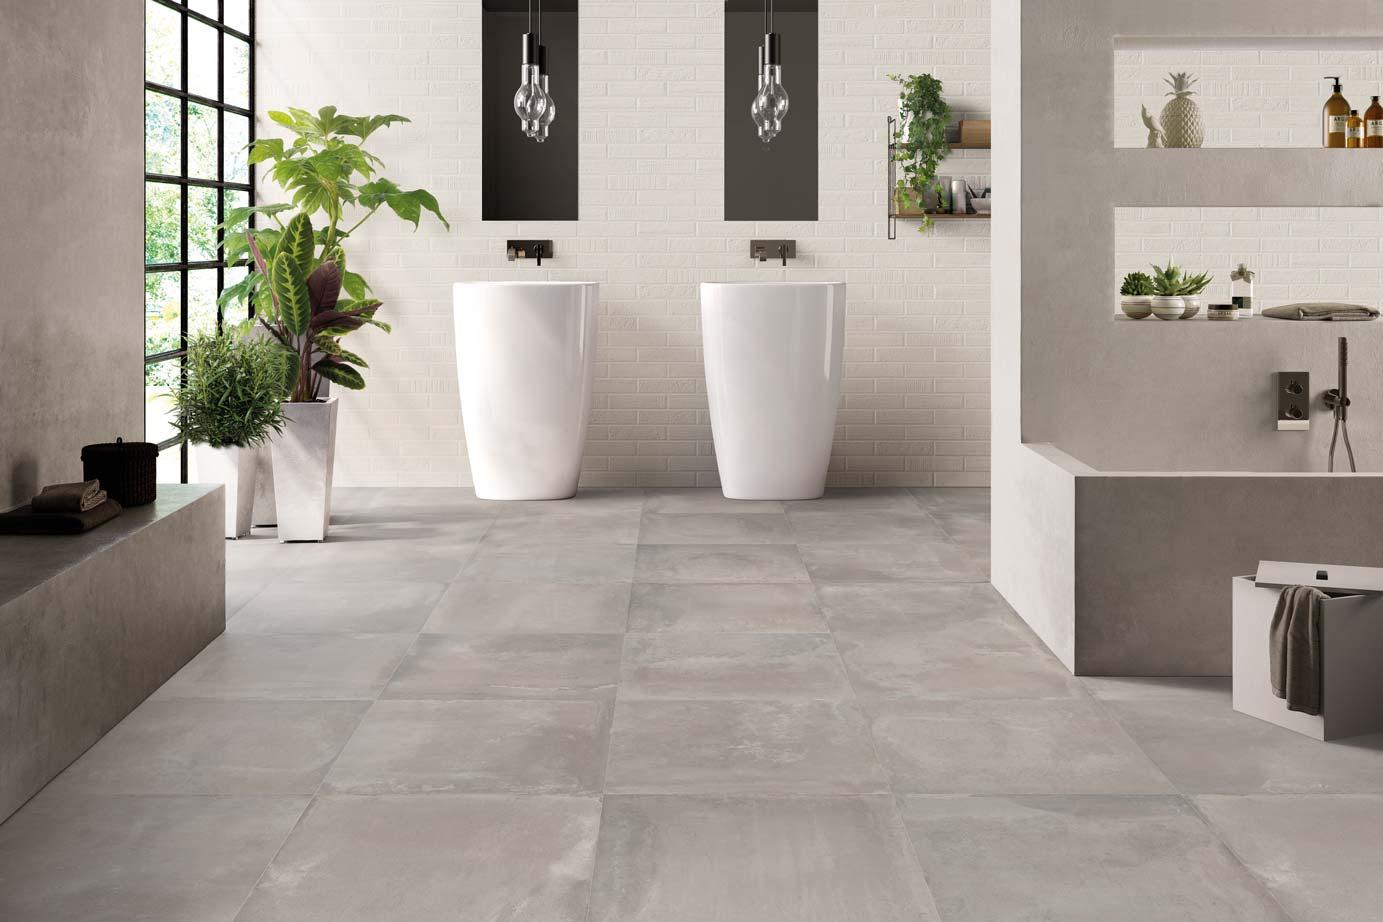 Keukentegels inspiratie impermo badkamer imitatie vloertegels